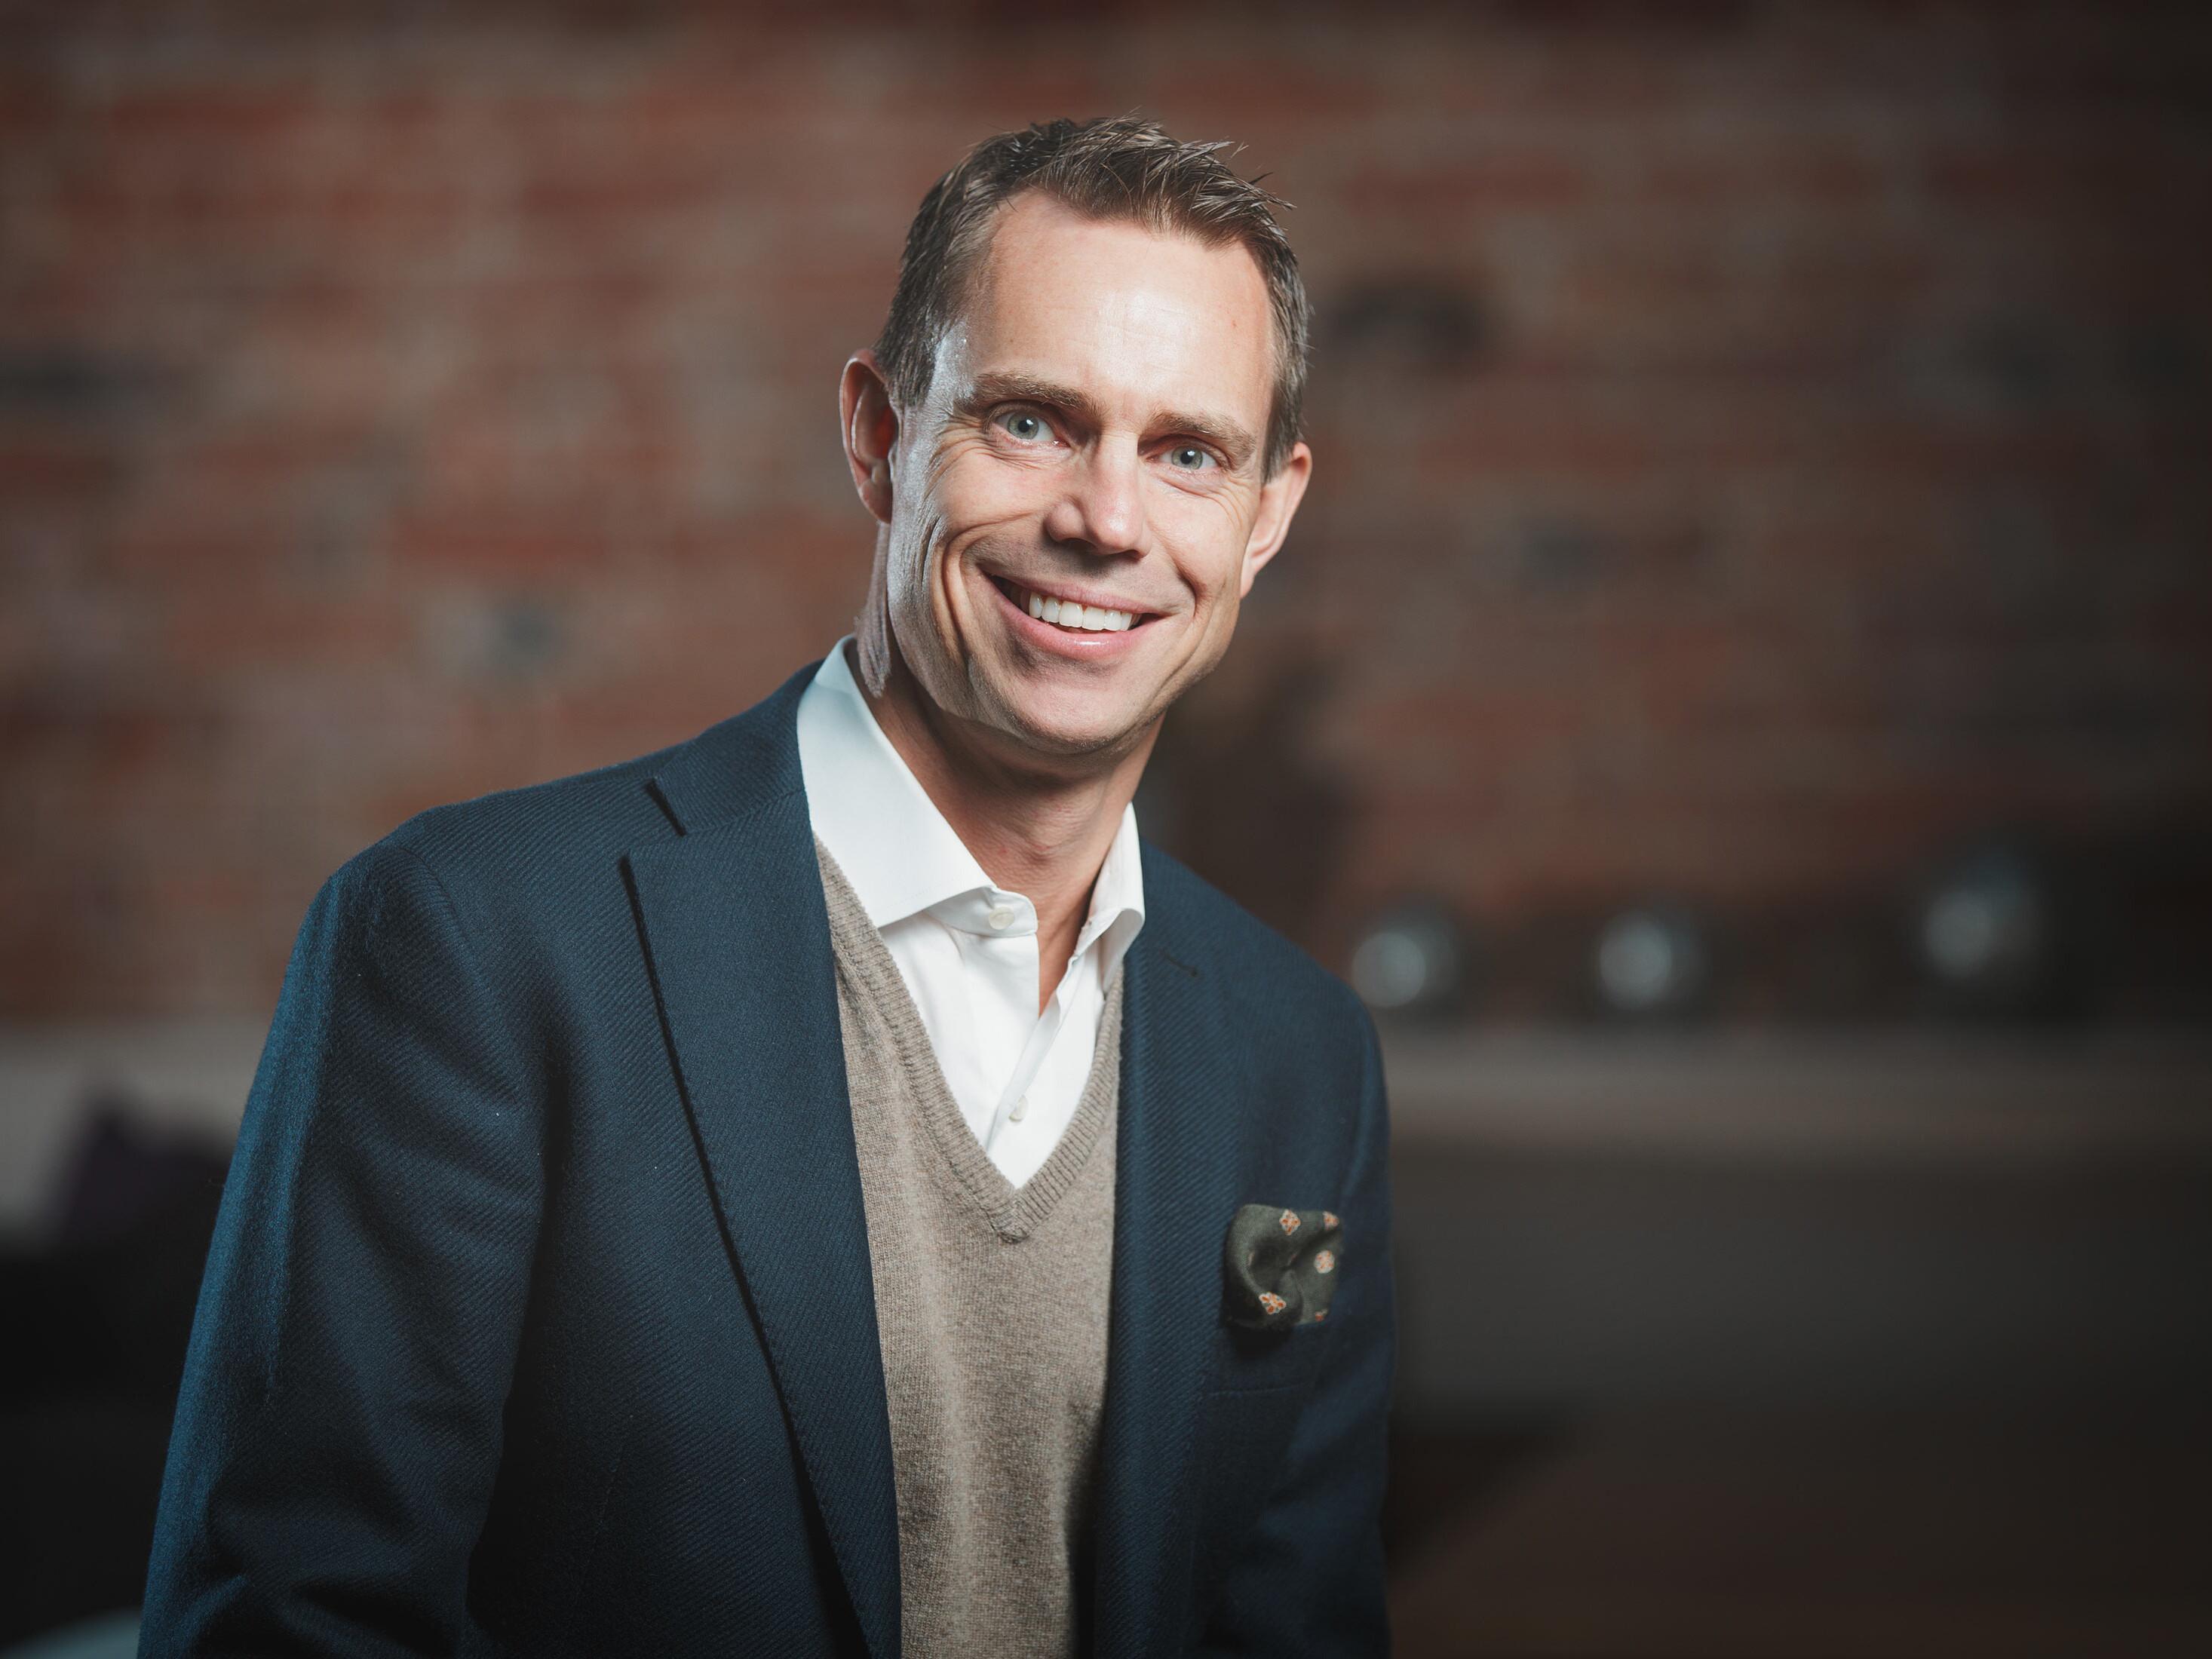 EngagemangsPodden: Torbjorn Eriksson